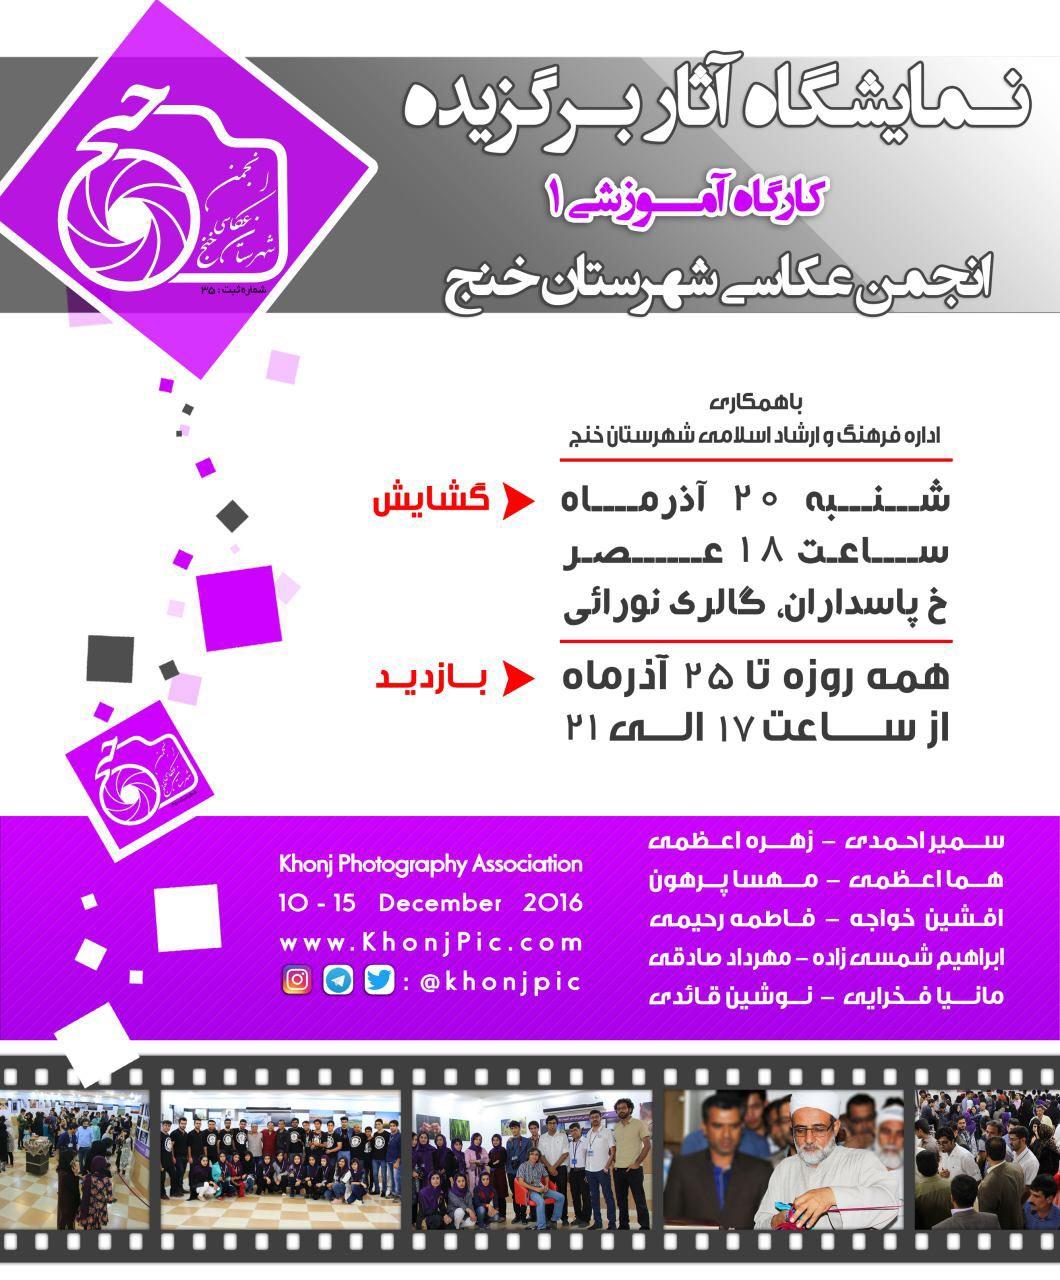 نمایشگاه آثار برگزیده کارگاه آموزشی (۱)